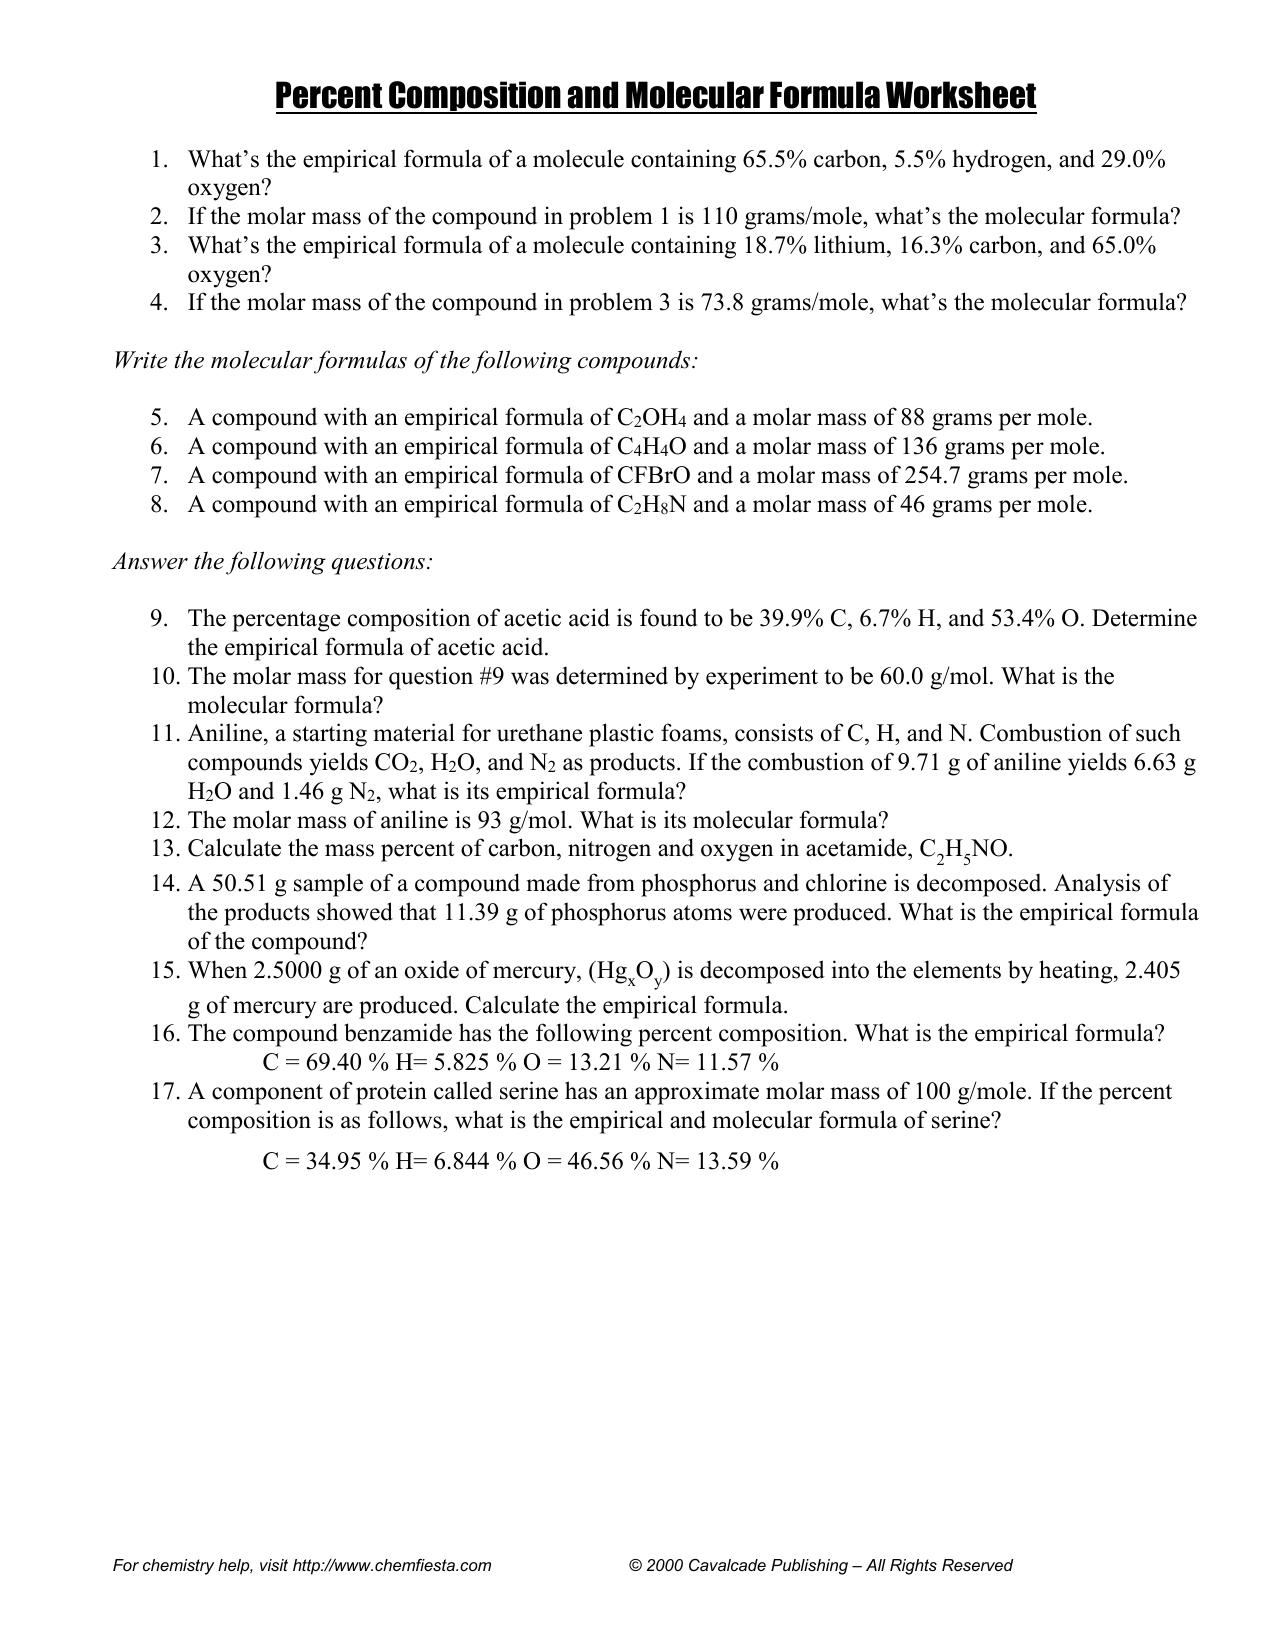 Worksheets Percent Composition By Mass Worksheet percent composition and molecular formula worksheet 022341900 1 2fa7d67923da2b742a27c8529fe3d458 png